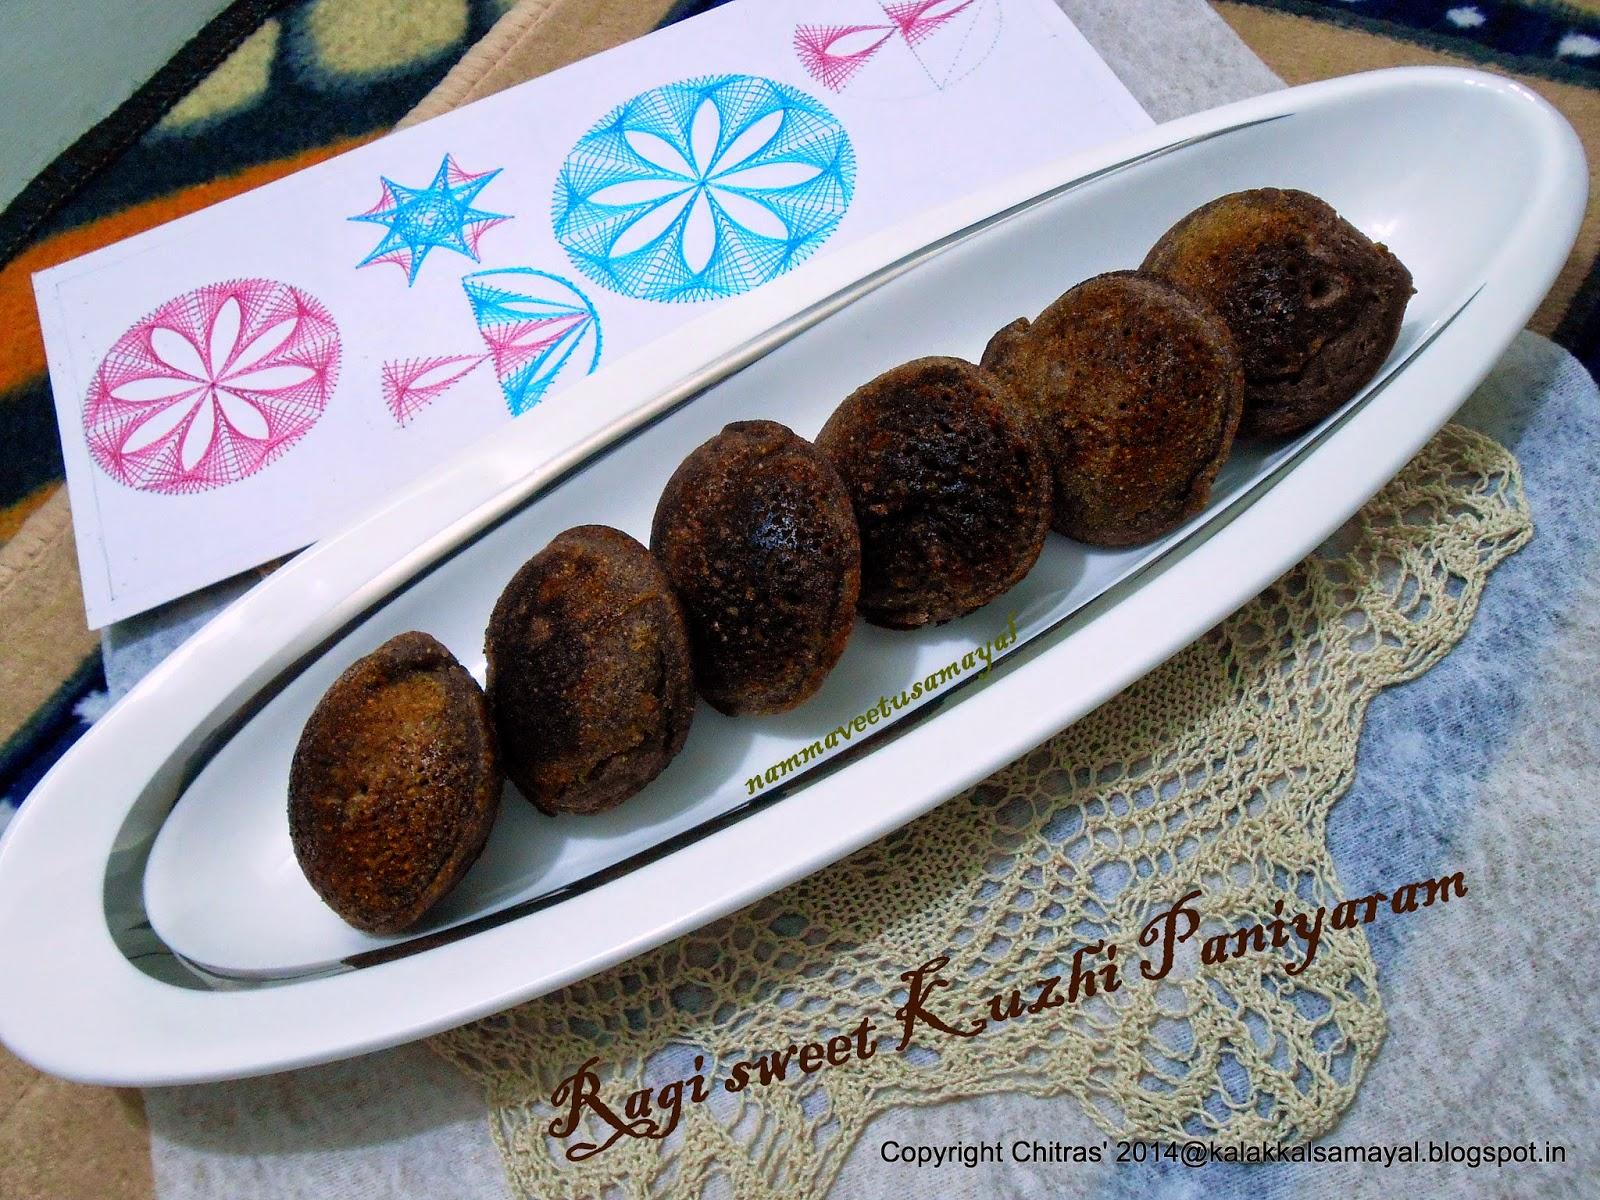 Ragi Sweet Kuzhi Paniyaram